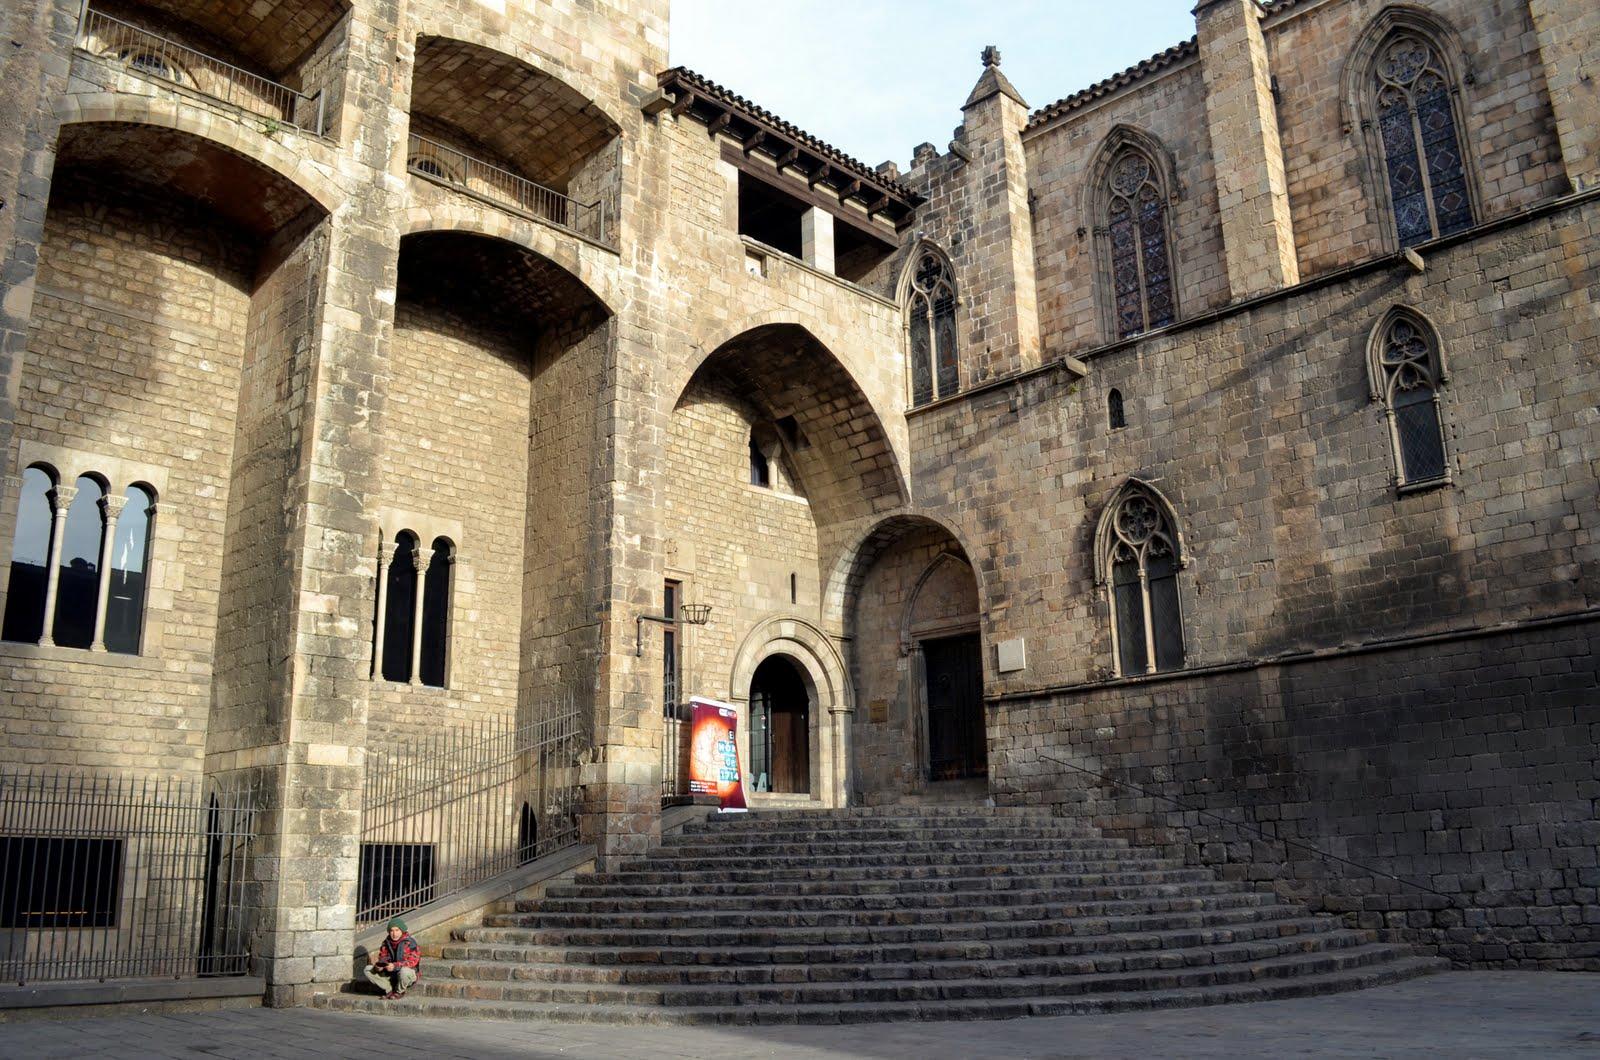 La capilla real de santa gata las piedras de barcelona - Colegio arquitectos barcelona ...